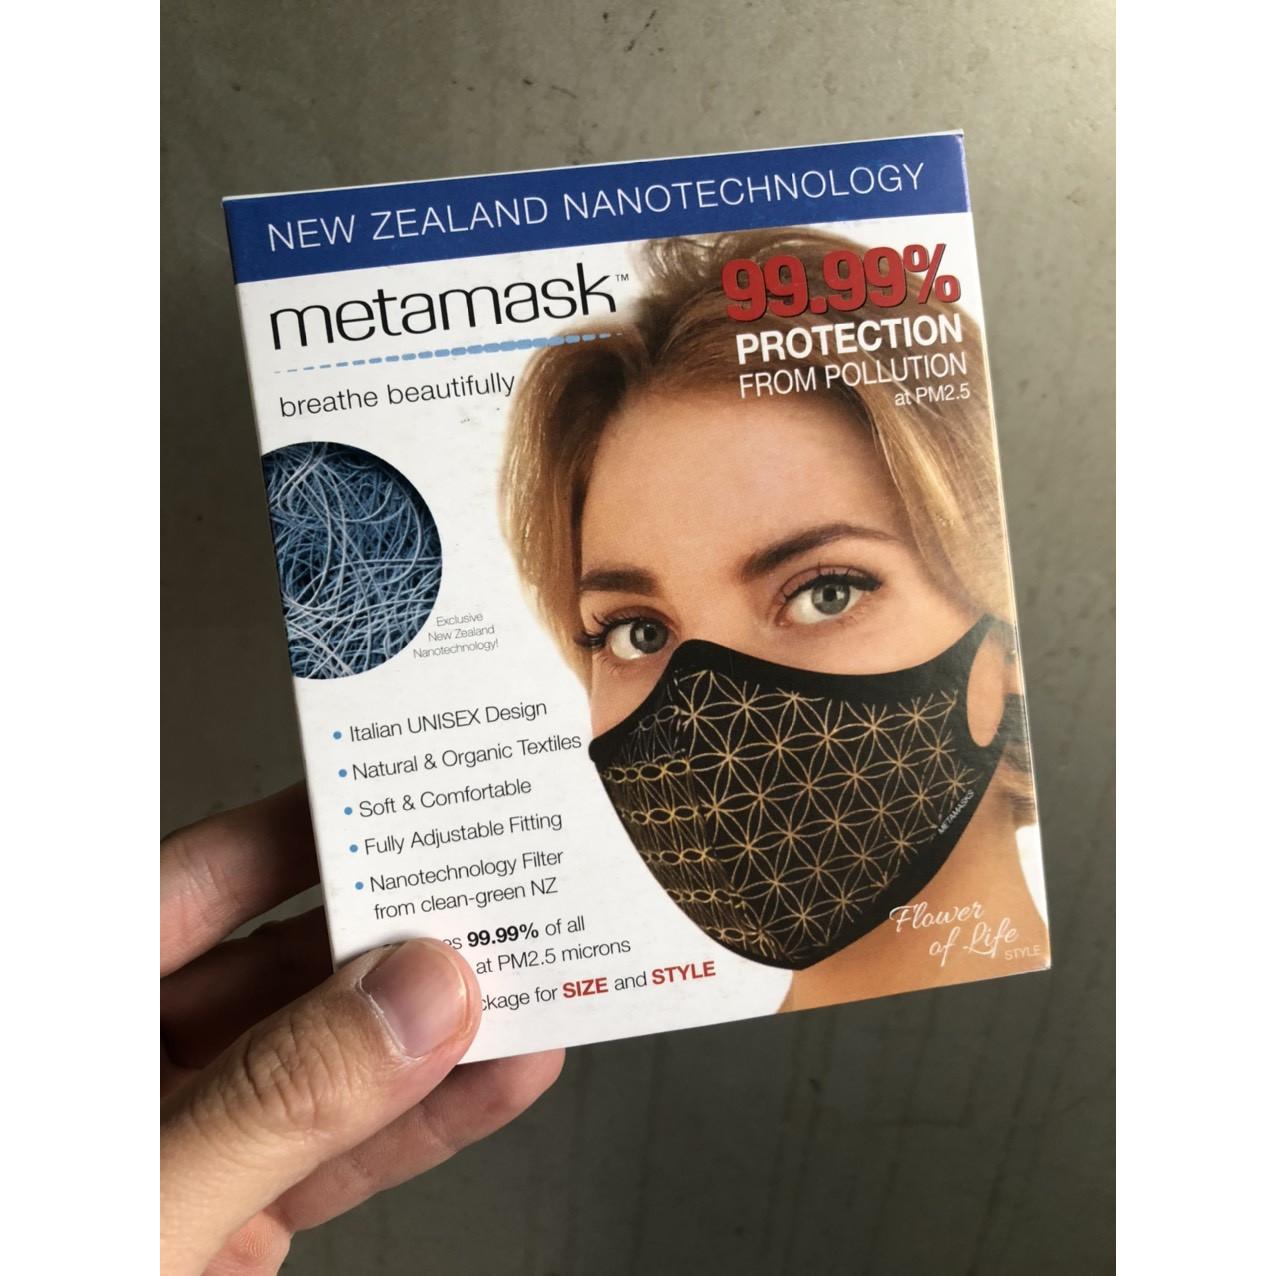 Khẩu Trang Cao Cấp Metamask - Ngăn Ngừa 99 Bụi Siêu Mịn PM2.5 Có Thể Thay Thế Màng Lọc, Có Thể Giặt Lại Được Phiên Bản Flower of Life - Hàng Chính Hãng - S